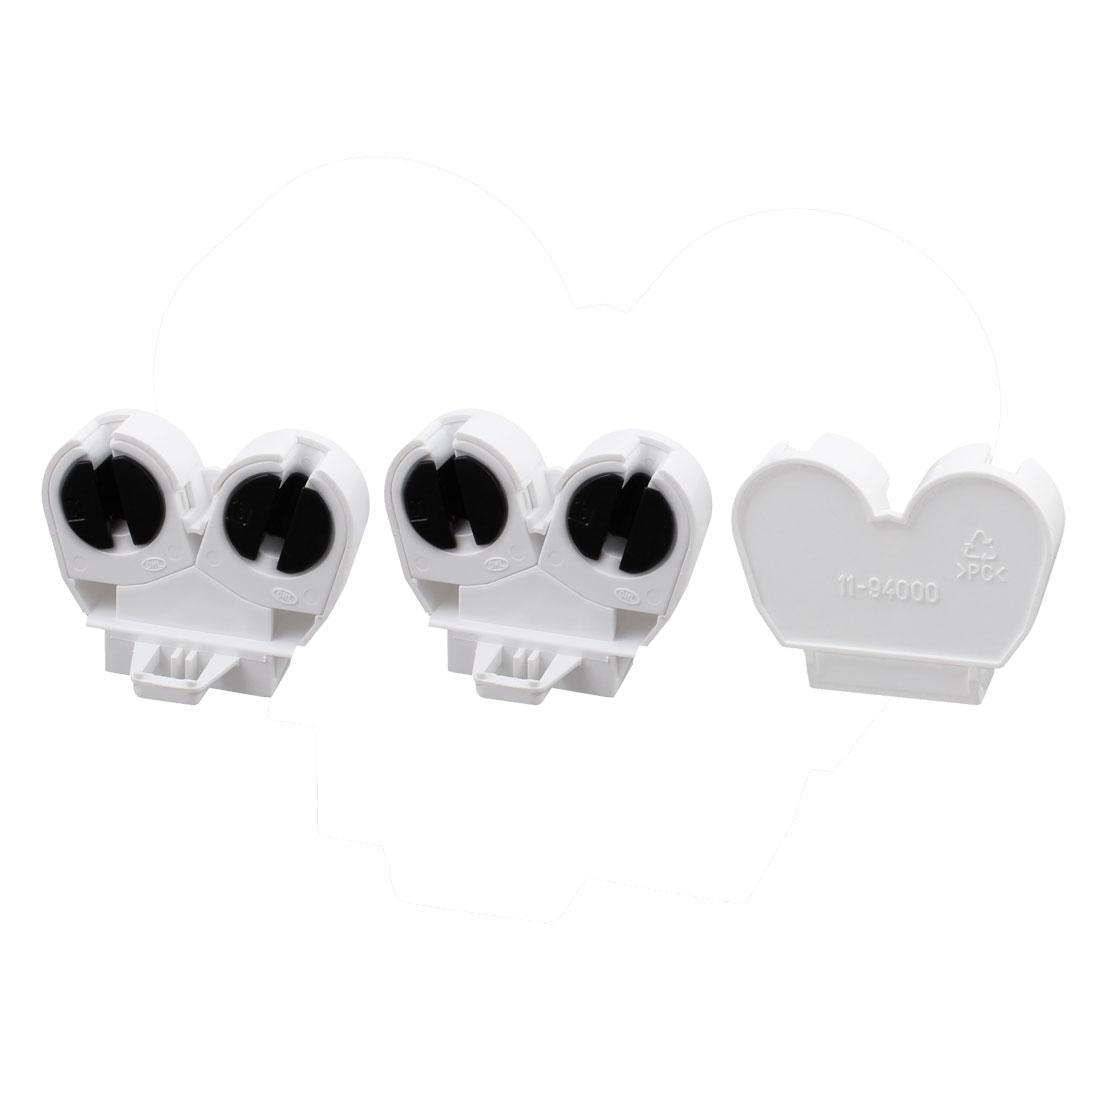 3 Pcs F288W T5 Double Light Socket G5 Base Fluorescent Tube Lamp Holder Adapter